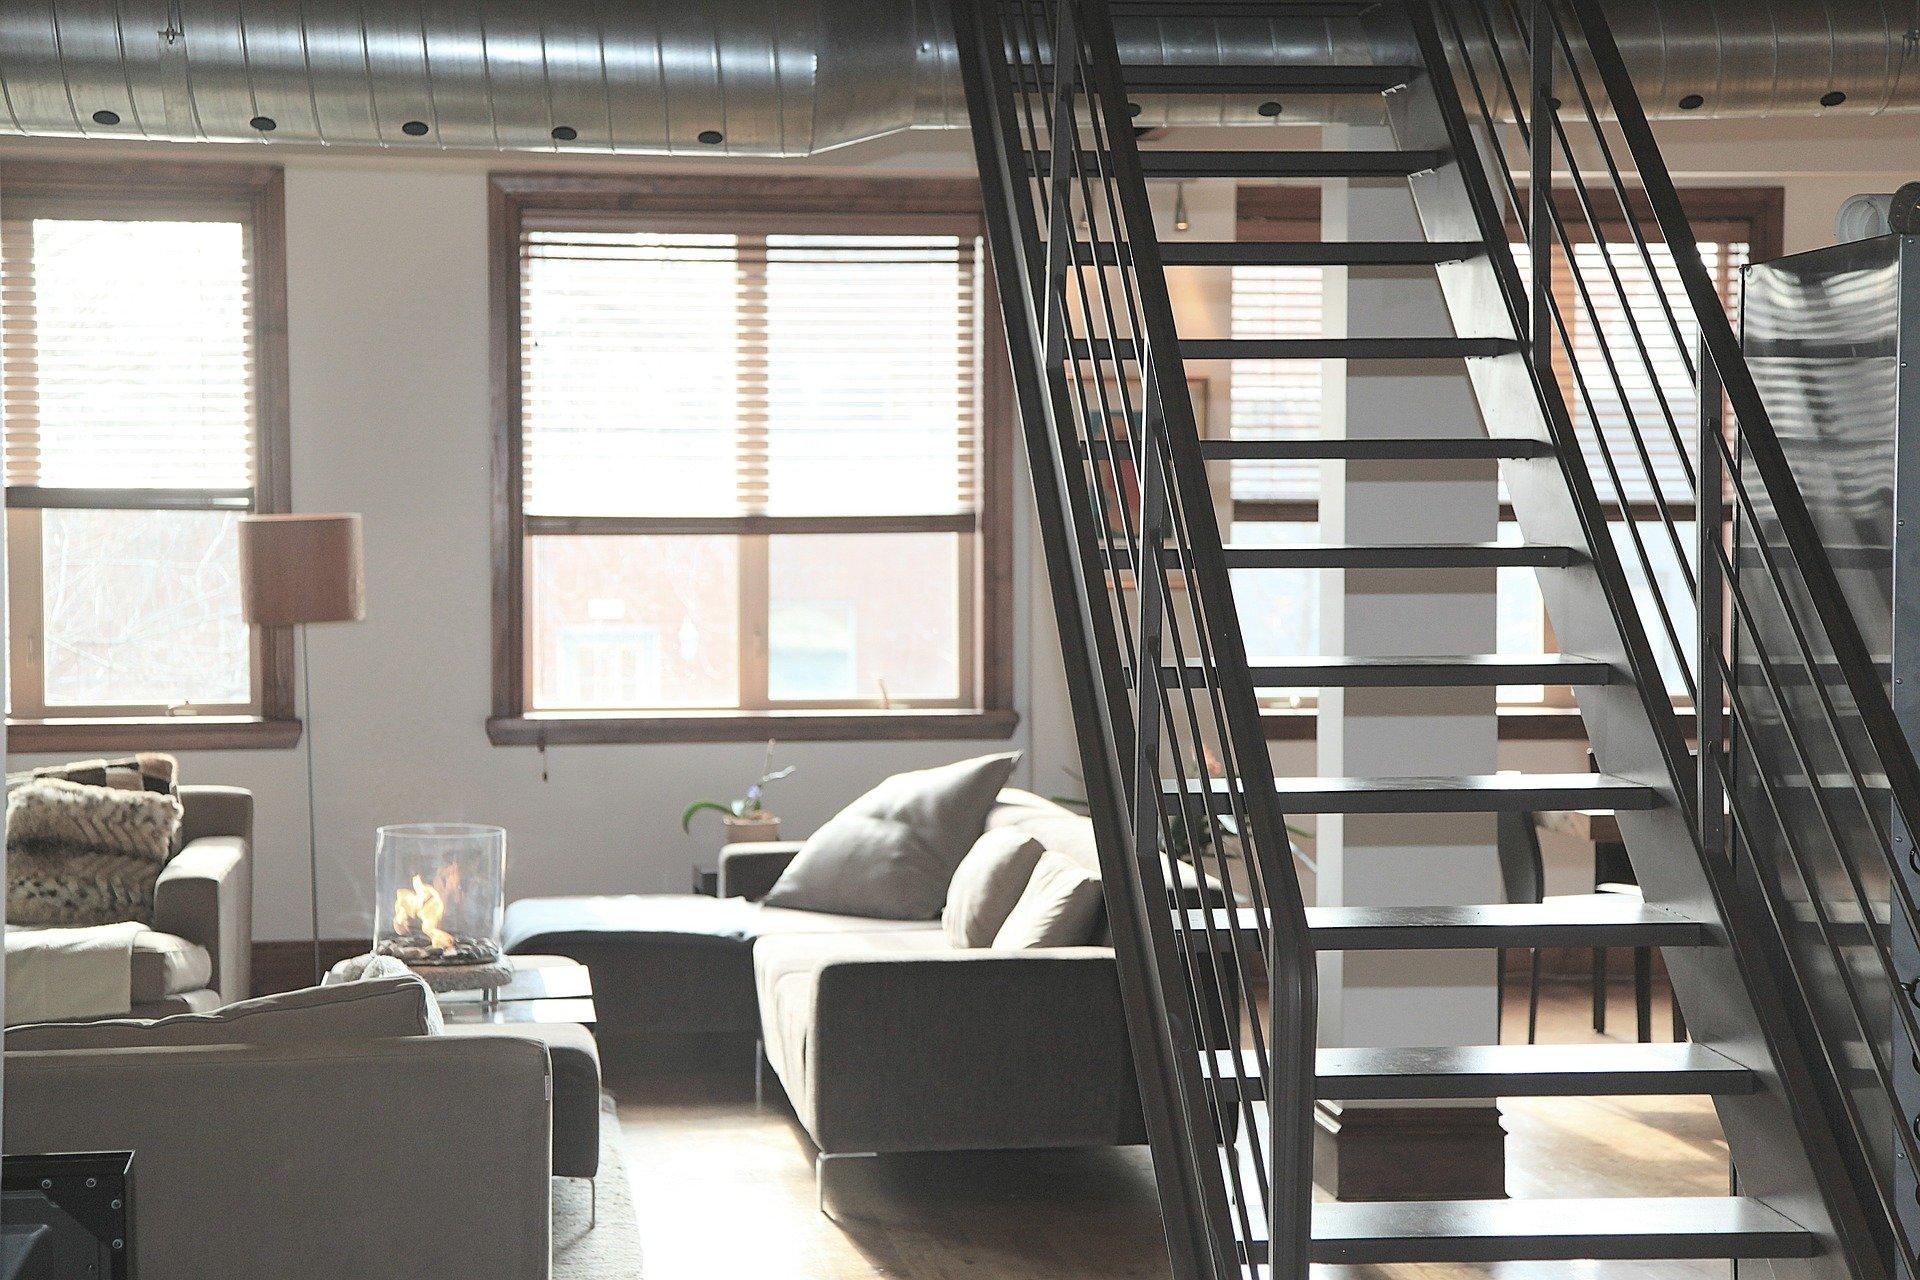 Wynajem mieszkań w Warszawie – jak znaleźć odpowiednie mieszkanie?